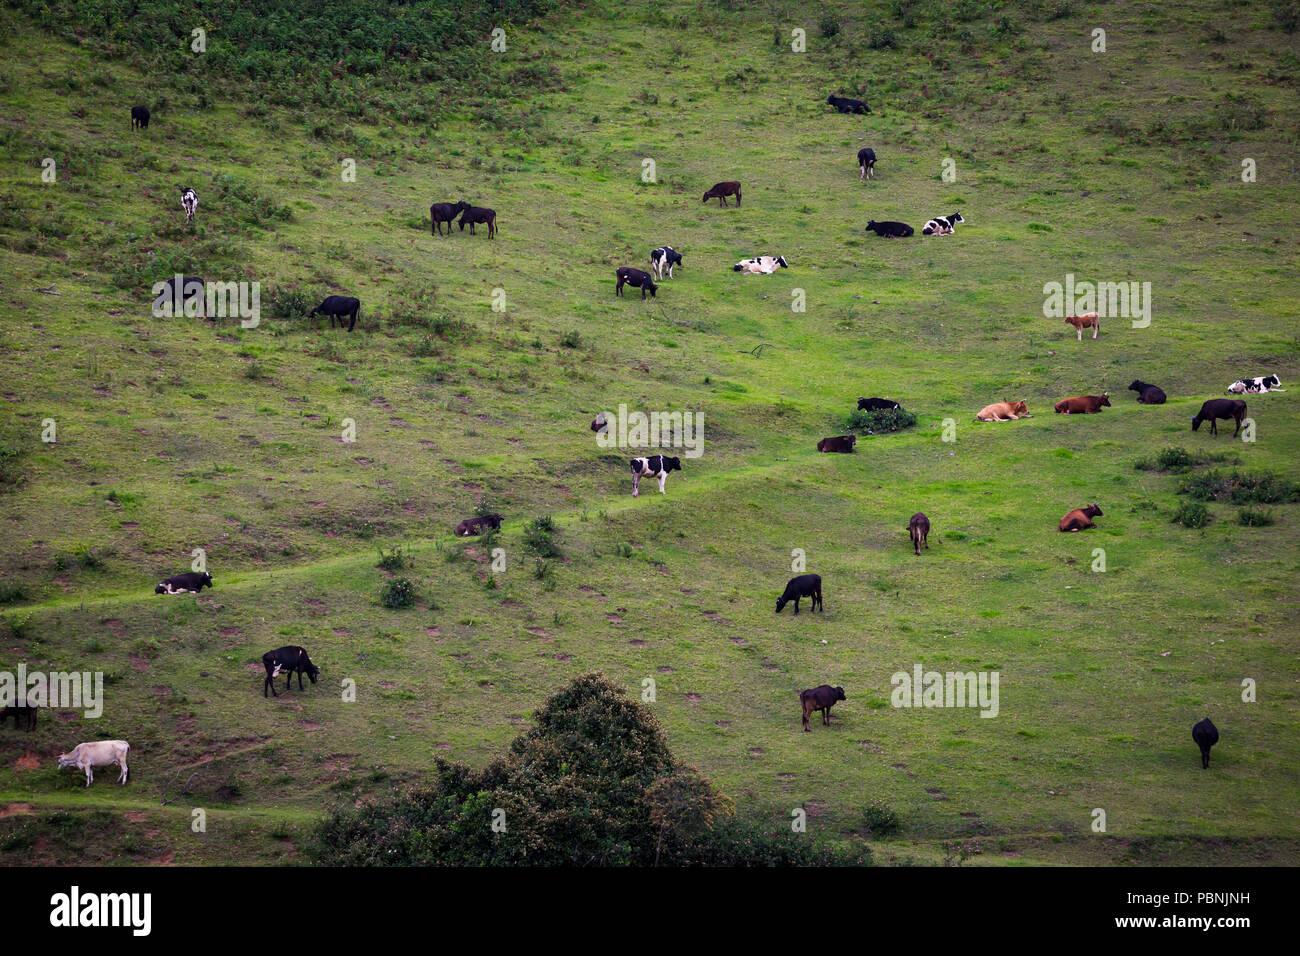 scenic grassland - cow graze - dream landscape - scenic landscape - beautiful - landscape - cattle graze on the open meadows - Stock Image